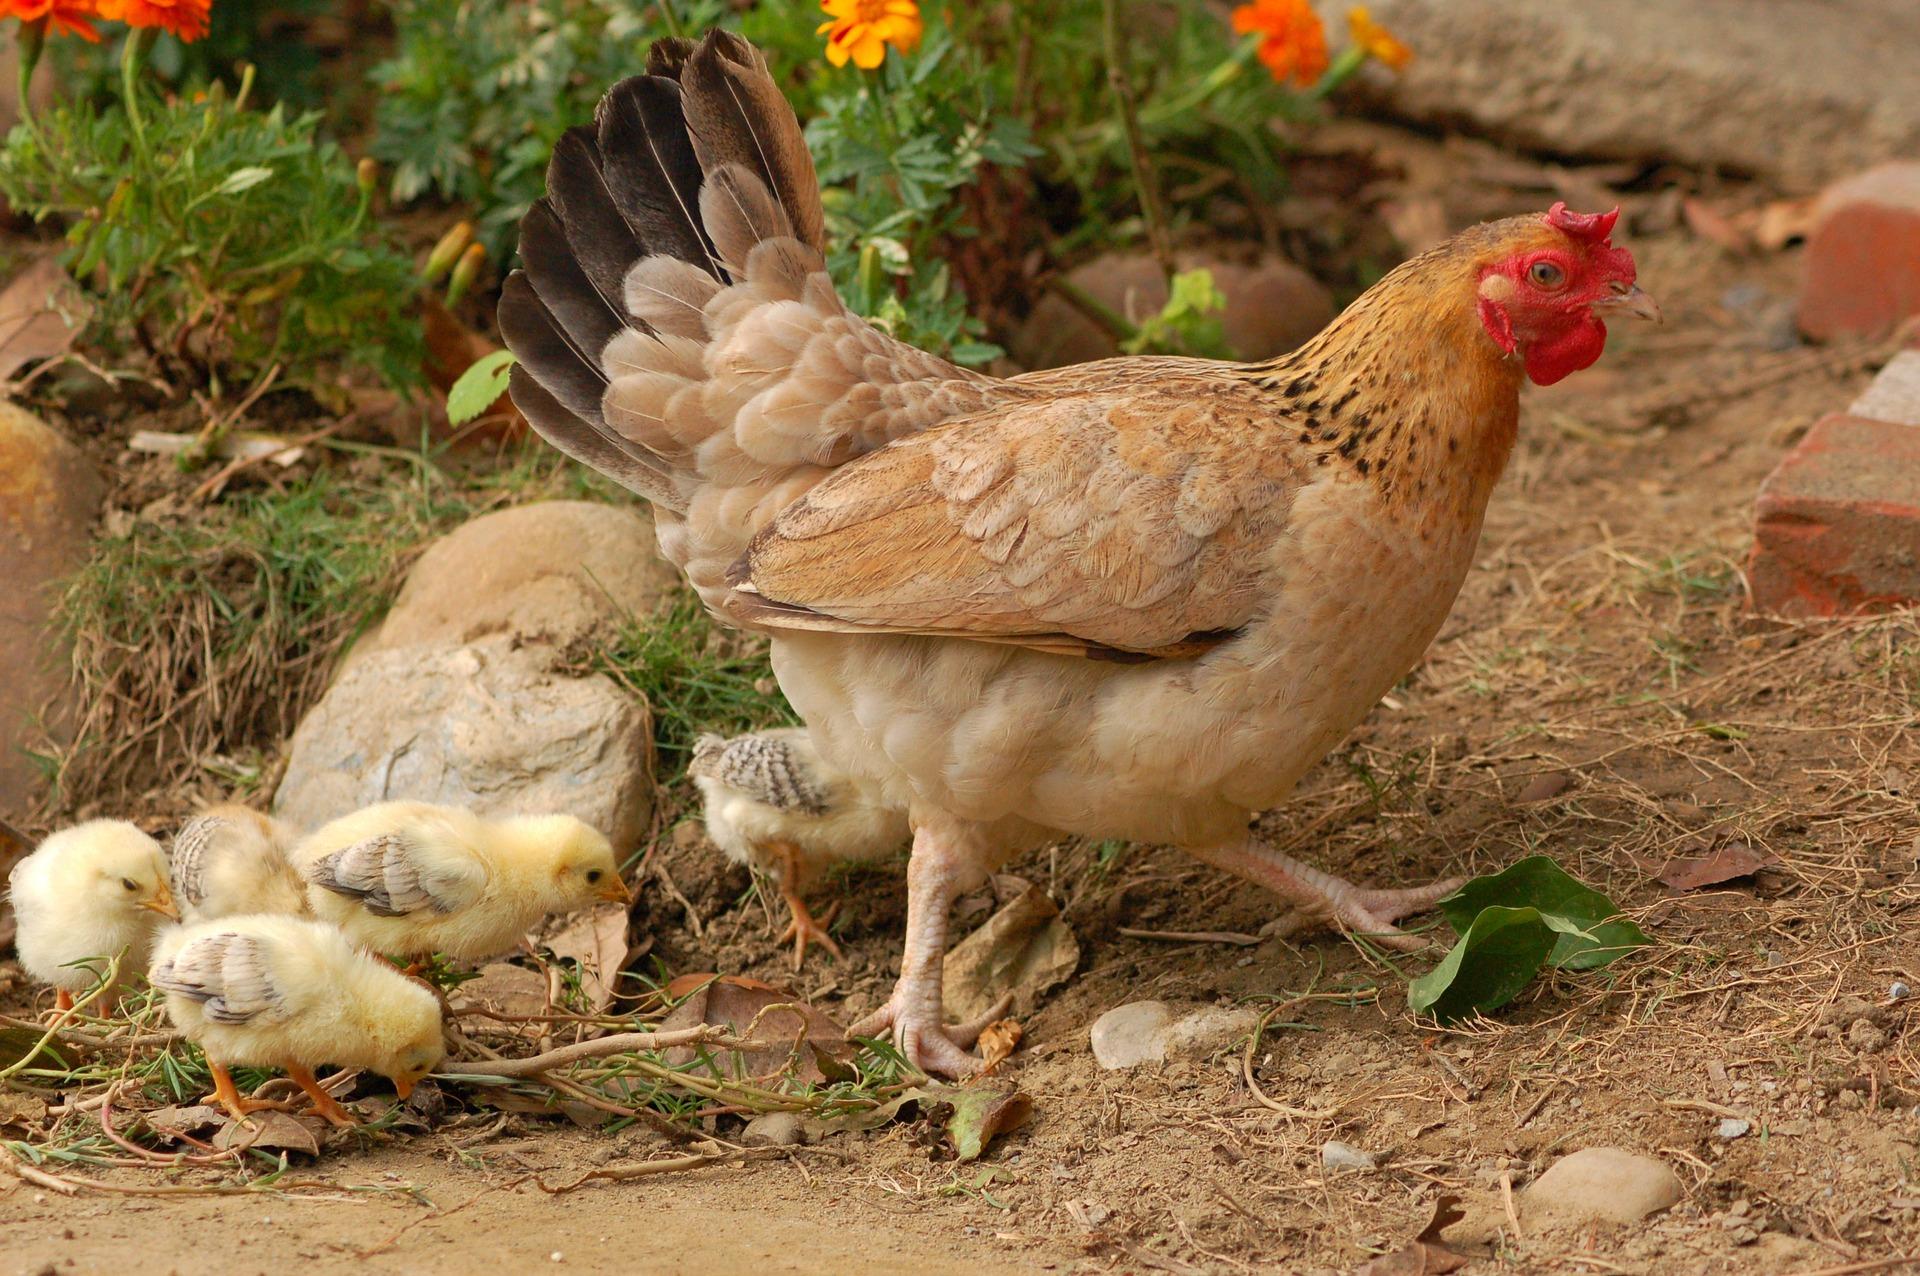 Mangeoire pour poules comparatif et guide d 39 achat 2019 for Mobiliere significato